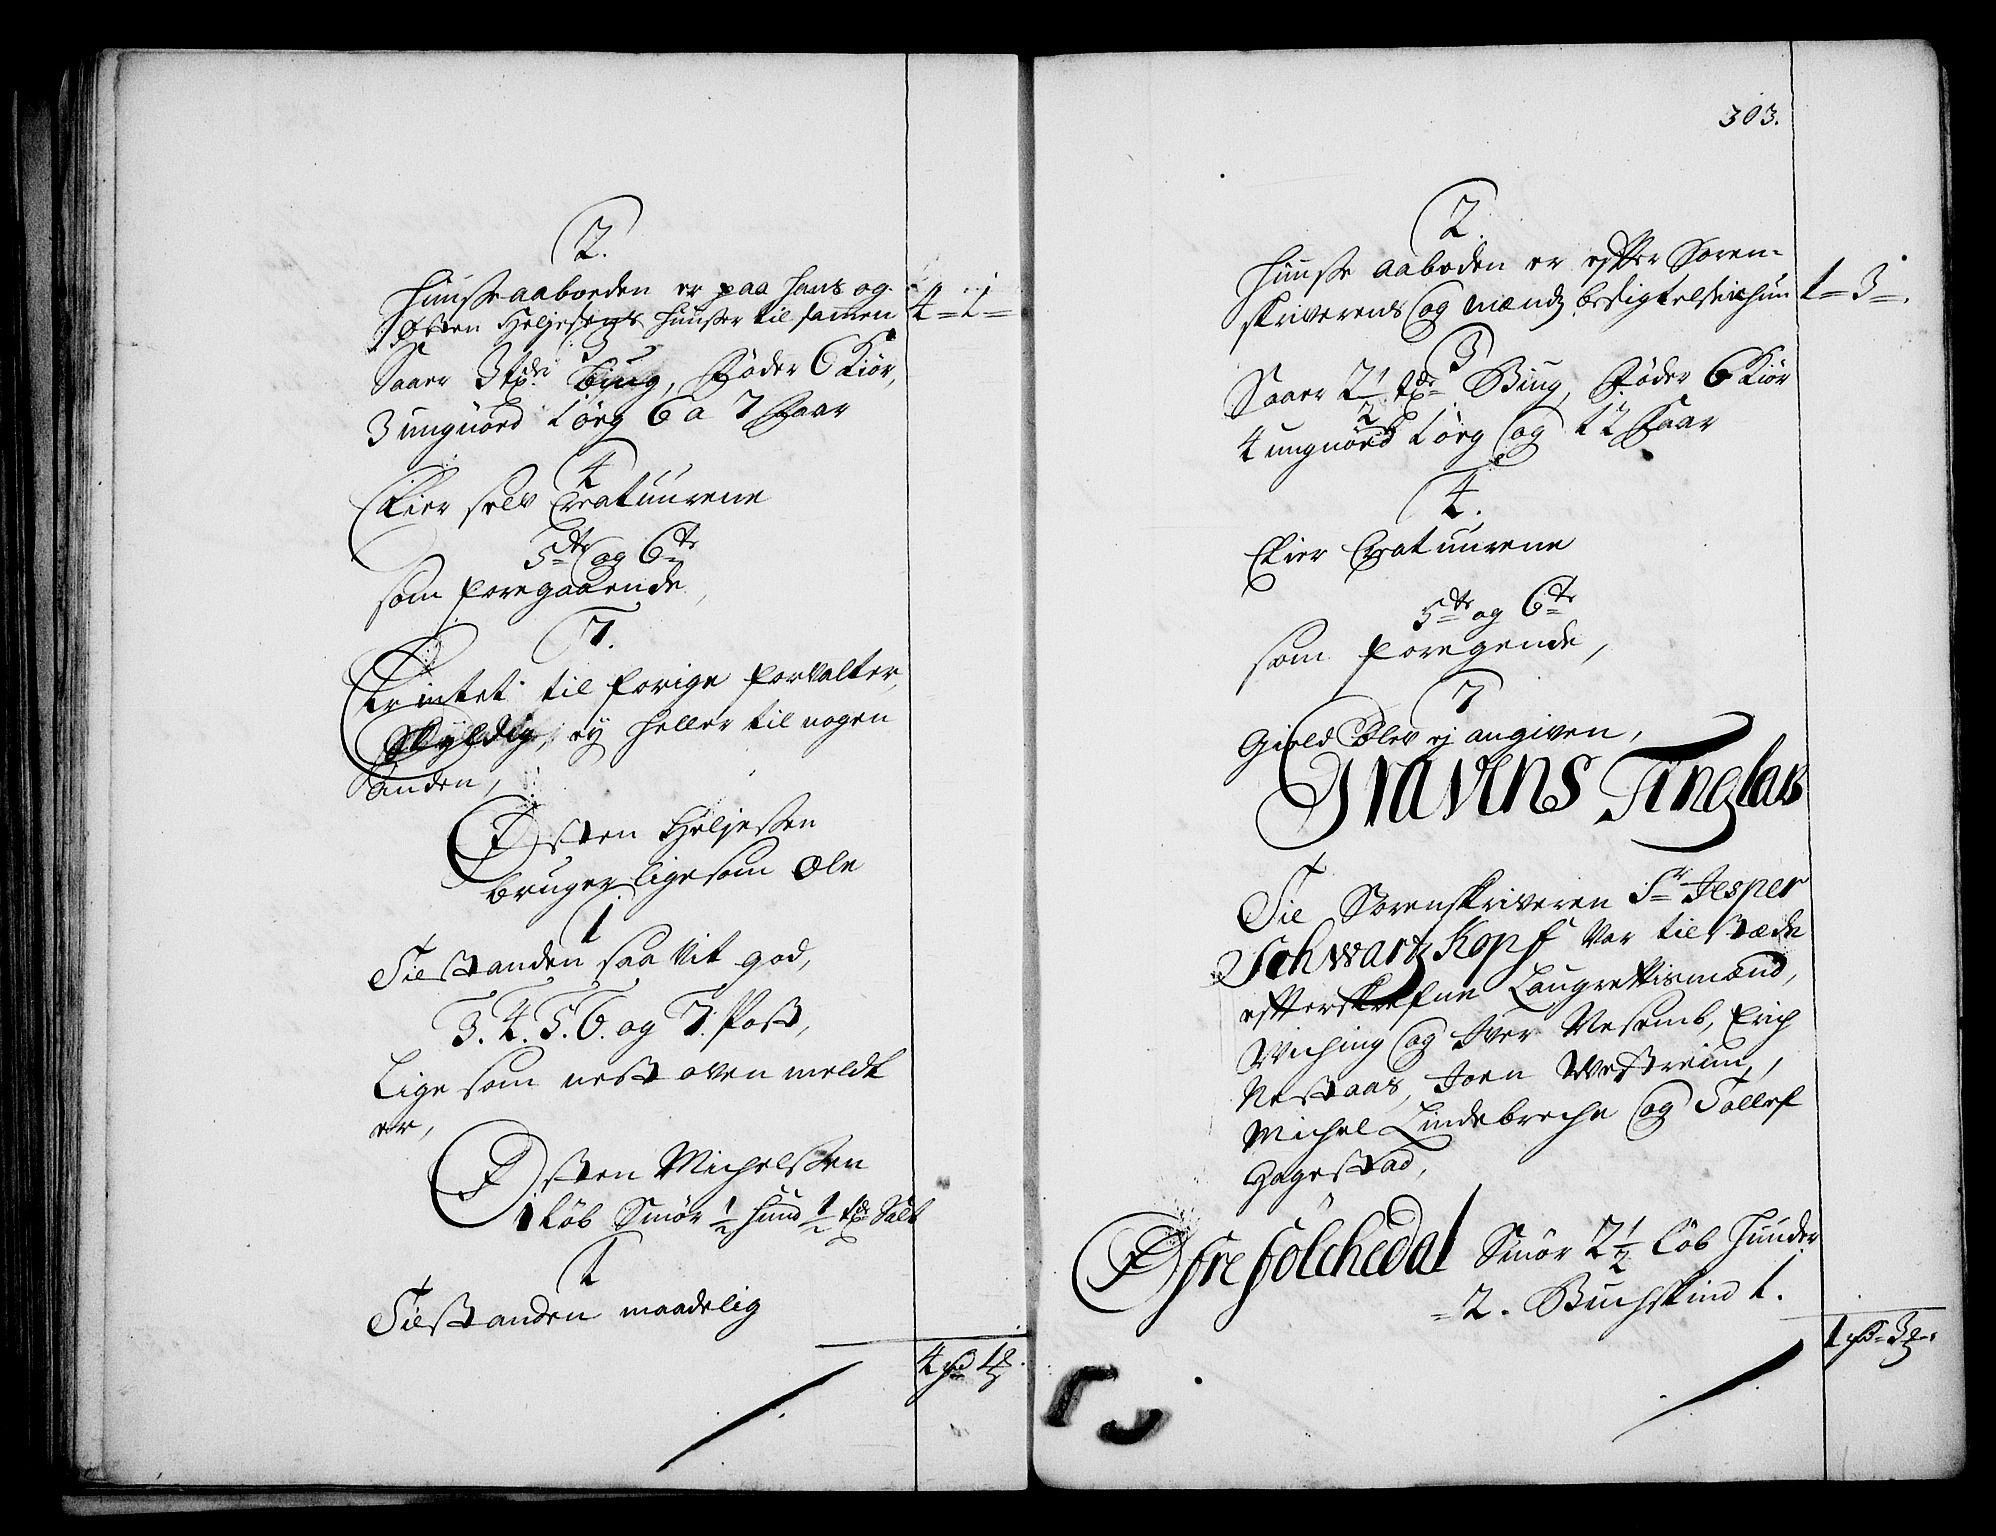 RA, Rentekammeret inntil 1814, Realistisk ordnet avdeling, On/L0003: [Jj 4]: Kommisjonsforretning over Vilhelm Hanssøns forpaktning av Halsnøy klosters gods, 1712-1722, s. 302b-303a